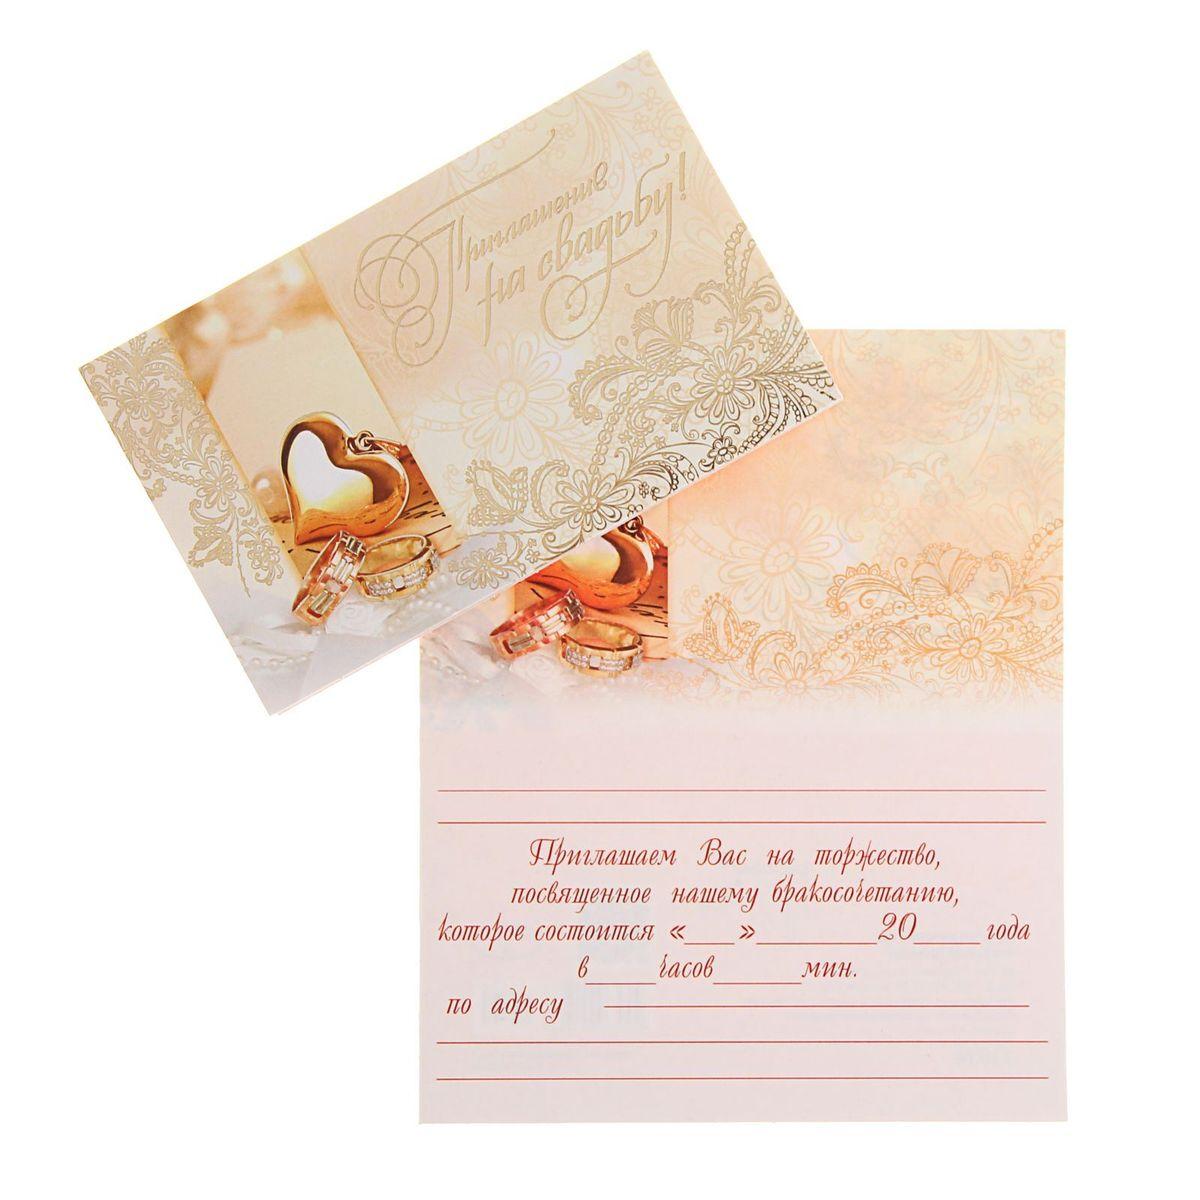 Приглашение на свадьбу Русский дизайн Кольца и сердце, 14 х 11 см1367747Красивая свадебная пригласительная открытка станет незаменимым атрибутом подготовки к предстоящему торжеству и позволит объявить самым дорогим вам людям о важном событии в вашей жизни. Приглашение на свадьбу Русский дизайн Кольца и сердце, выполненное из картона, отличается не только оригинальным дизайном, но и высоким качеством. Внутри - текст приглашения. Вам остается заполнить необходимые строки и раздать гостям. Устройте себе незабываемую свадьбу! Размер: 14 х 11 см.